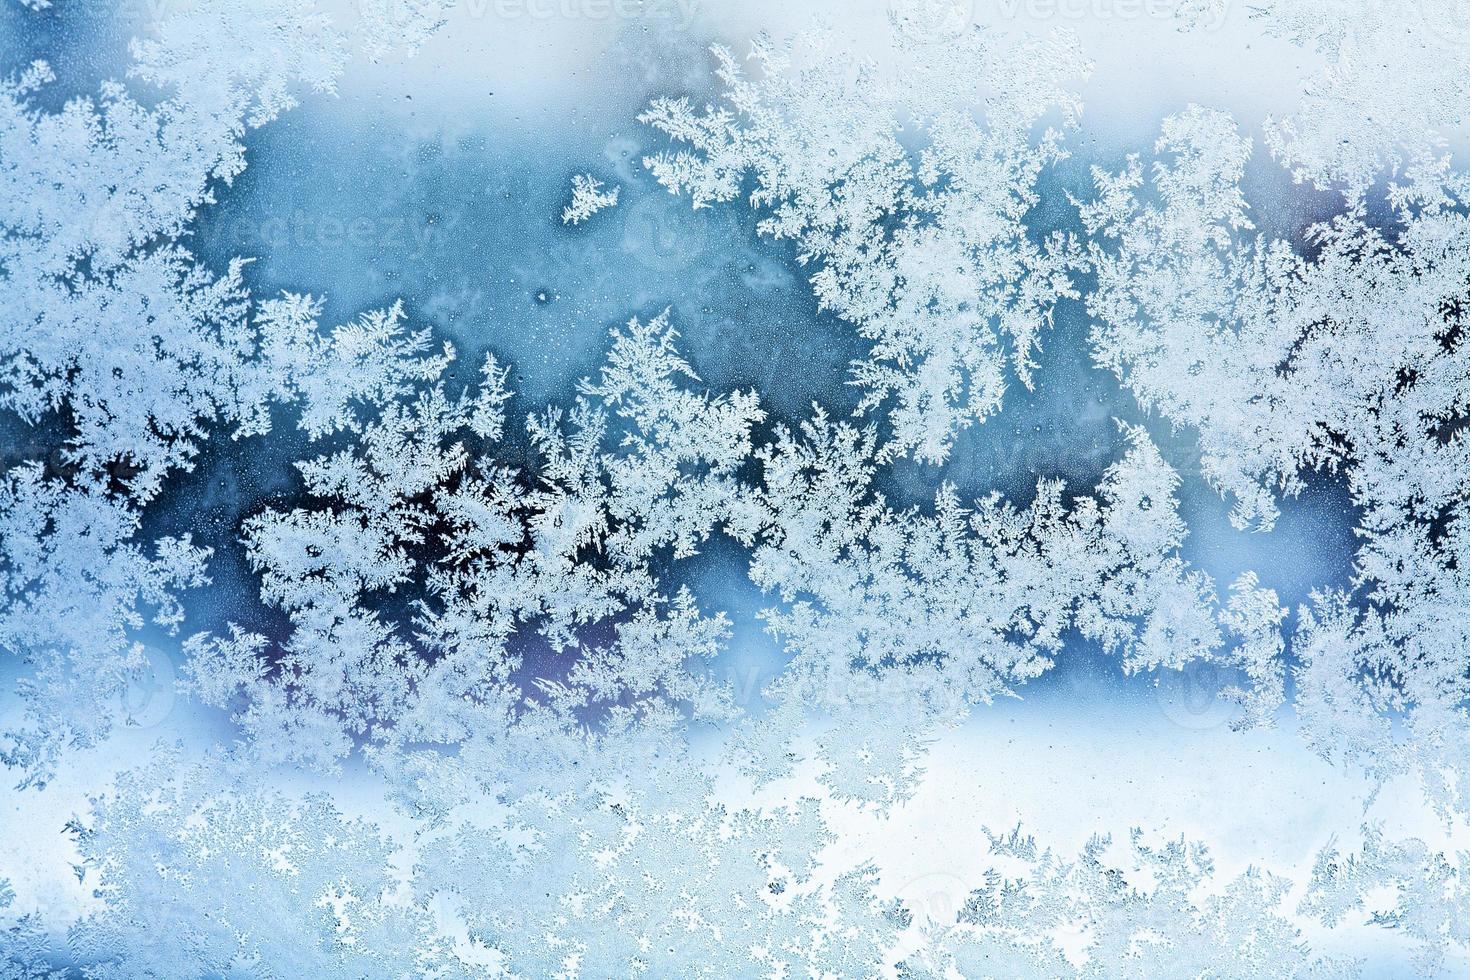 winter ijs rijp abstracte achtergrond foto